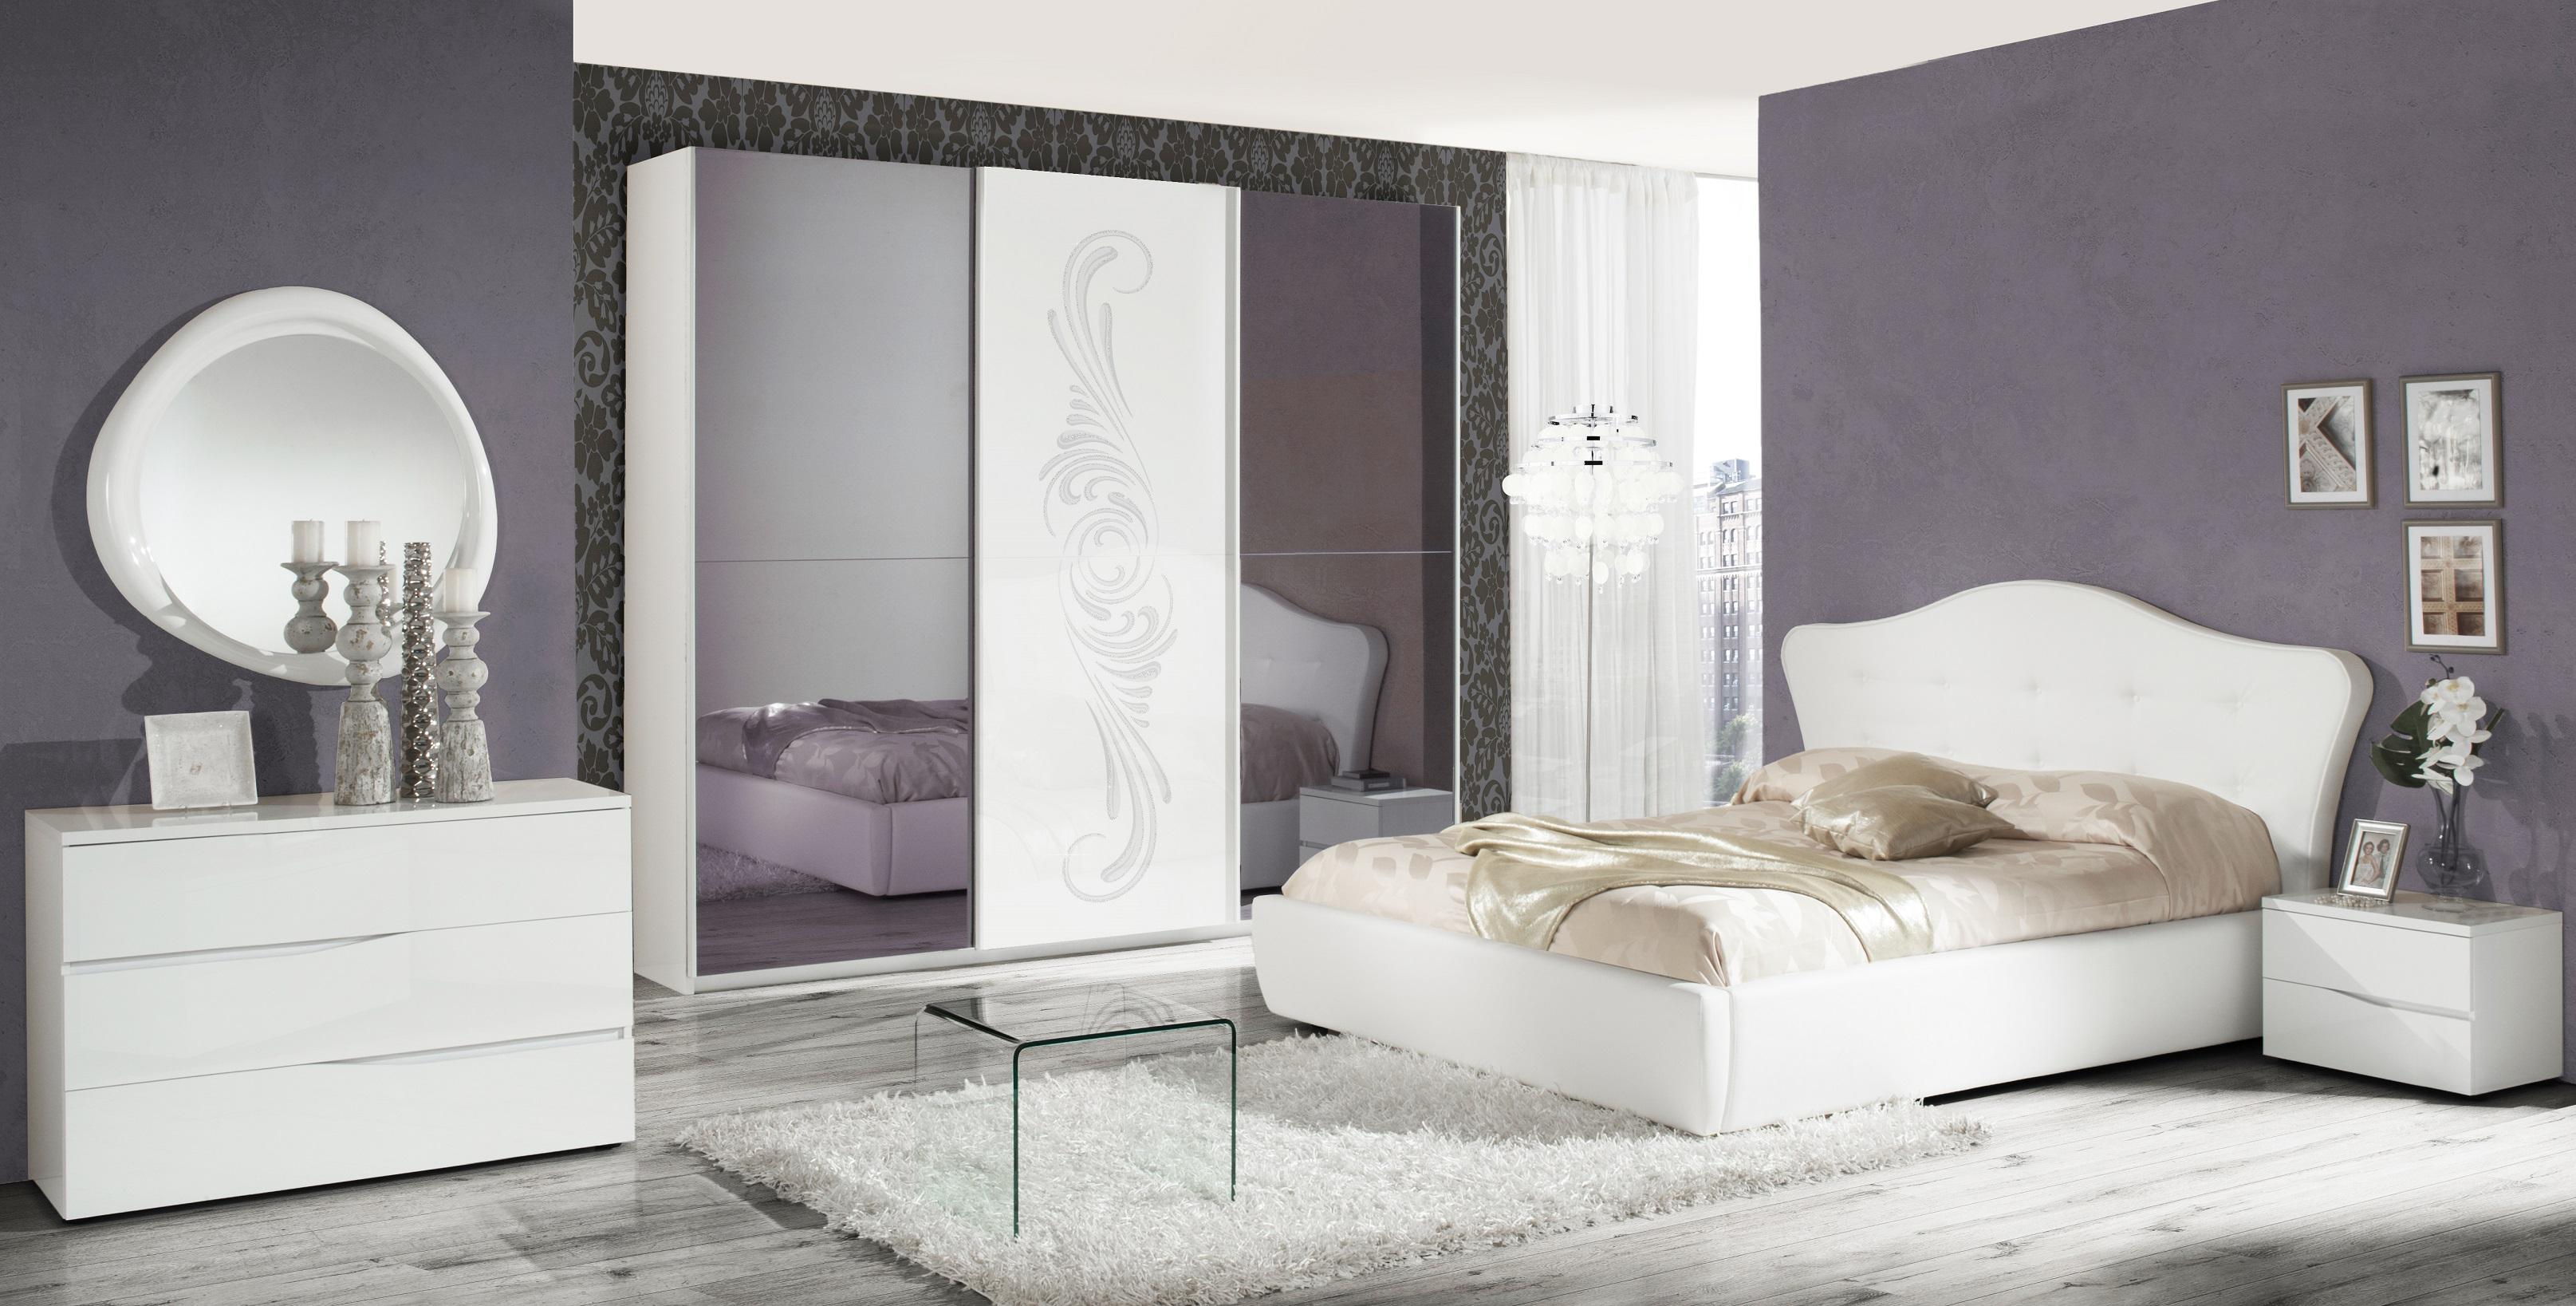 Schlafzimmer Set VALENTINA in Weiss - Kaufen bei KAPA Möbel